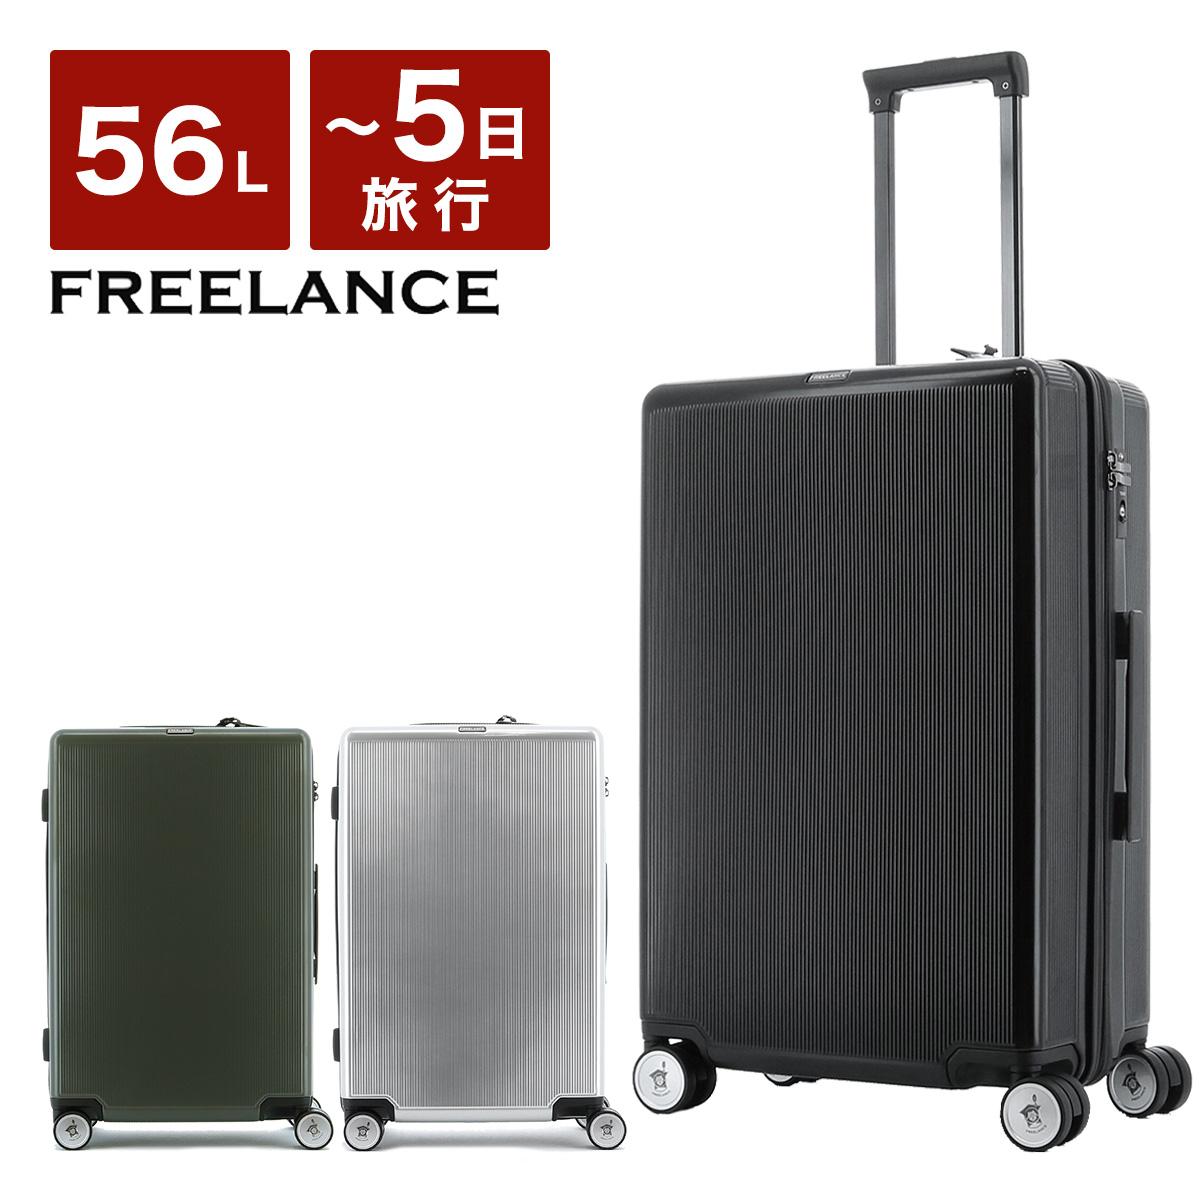 フリーランス スーツケース|56L 61.5cm 3.8kg FLT-004|軽量 ハード ファスナー TSAロック搭載 キャリーケース ビジネスキャリー FREELANCE [PO5][bef][即日発送]